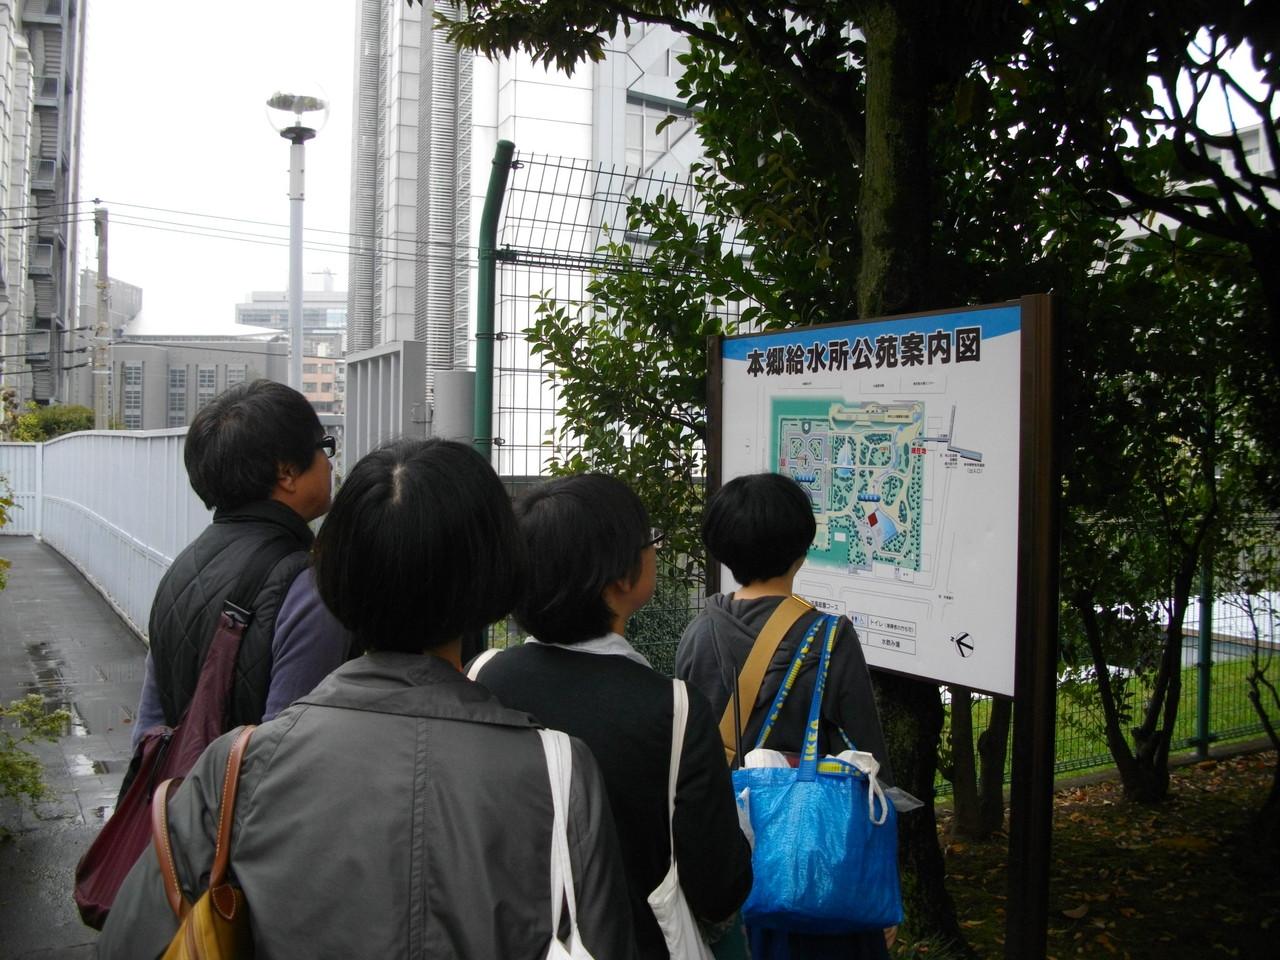 1ヶ所目の会場「文京区立本郷給水所公苑」地図でみると広くみえます